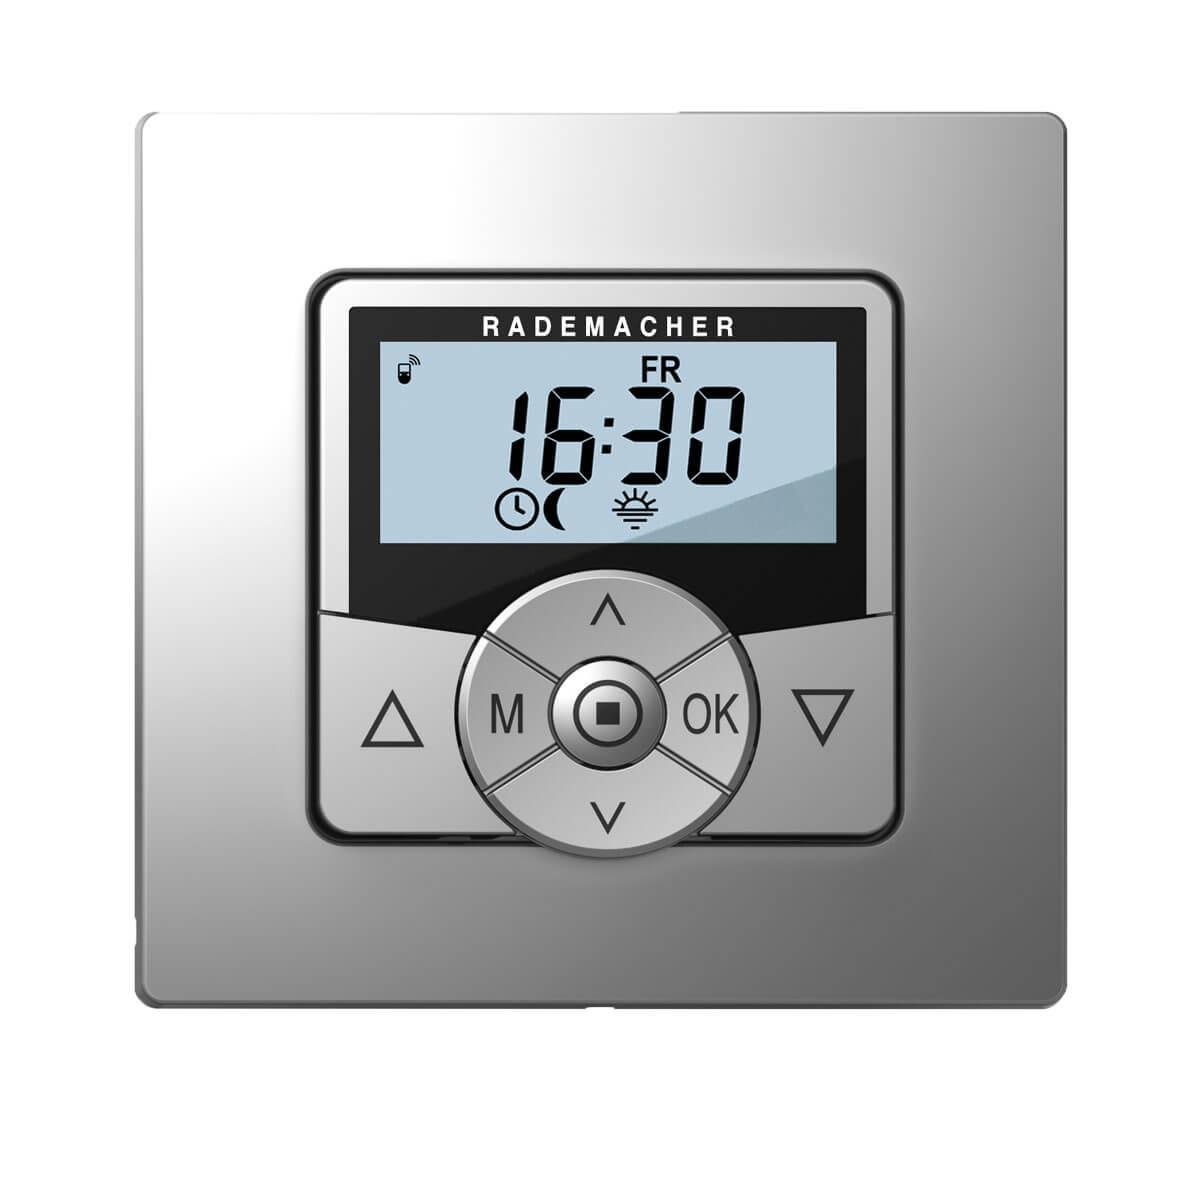 Rademacher Funksteuerung HomeTimer aluminium mit Display, DuoFern-Funk Zeitschaltuhr